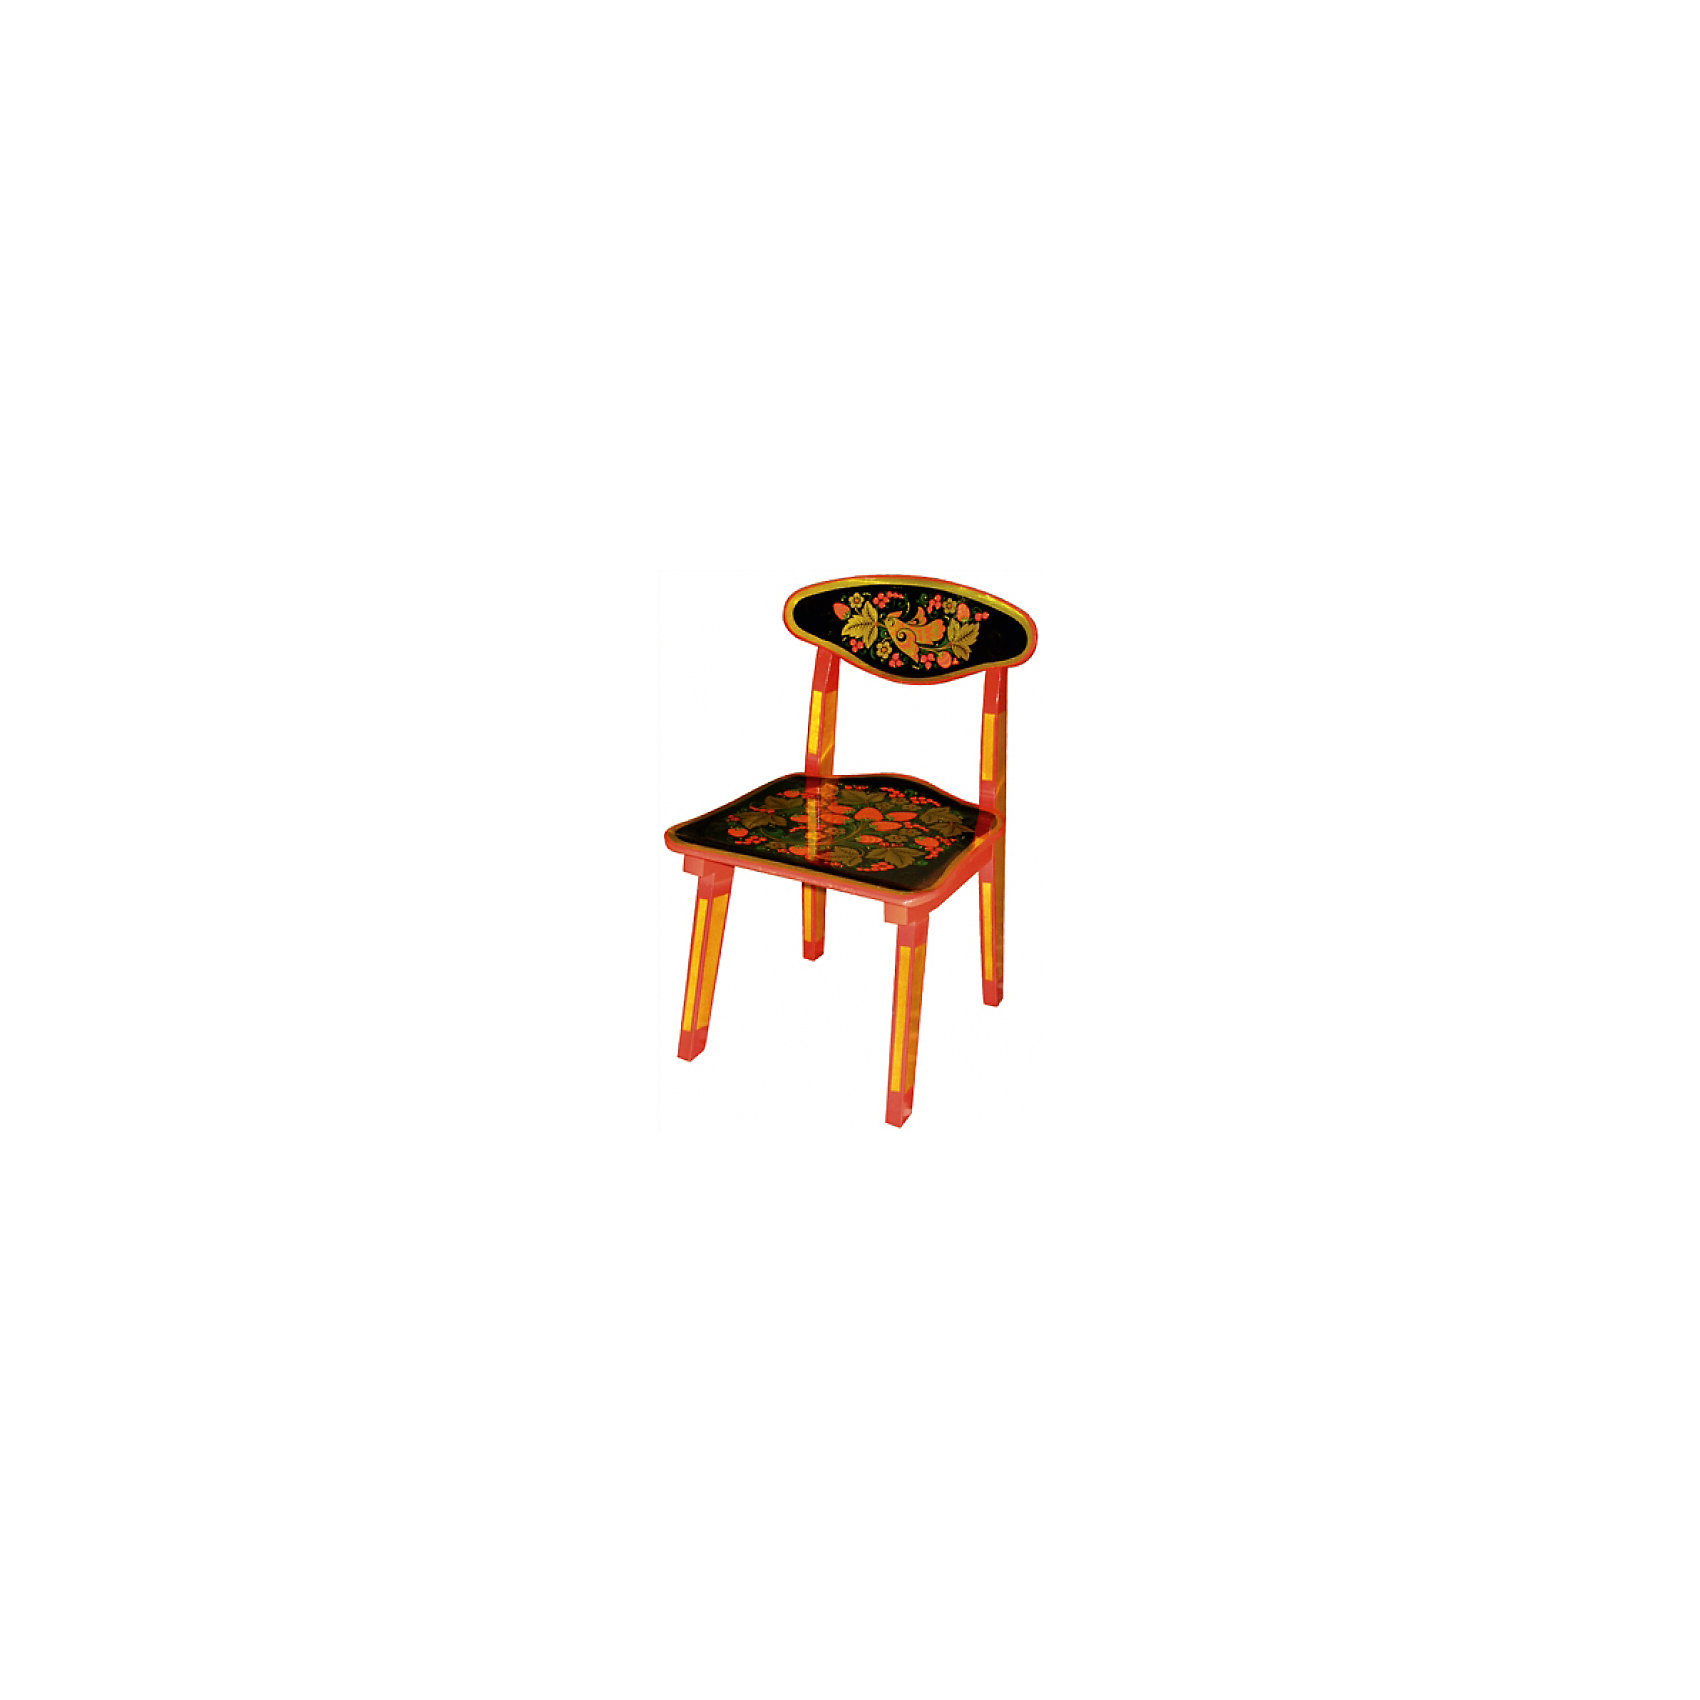 Стул с росписьюТакой сказочный стульчик был практически у каждого в детстве, так пусть и вашего ребенка радует!<br>Яркий красочный стульчик прекрасно подойдет к столу, выполненному в такой же стилистике. Роспись сделана по золотому фону традиционными красным и черным цветами. Стул изготовлен из дерева, пропитан льняным маслом и покрыт росписью и безвредным для ребенка лаком. Стул очень прочный и устойчивый, покрытие закалено при особом температурном режиме и не будет отслаиваться или облупливаться при частой влажной уборке.<br><br>Дополнительная информация:<br><br>- Возраст: от 6 мес.<br>- Материал: дерево.<br>- Цвет: орнамент - Хохломская роспись ягода/цветок.<br>- Параметры стола: Высота: 55 см.<br>                                      Сидение: 30х29 см.<br><br>Детский стул с росписью можно купить в нашем магазине.<br><br>Ширина мм: 550<br>Глубина мм: 120<br>Высота мм: 300<br>Вес г: 3500<br>Возраст от месяцев: 24<br>Возраст до месяцев: 84<br>Пол: Унисекс<br>Возраст: Детский<br>SKU: 4718382